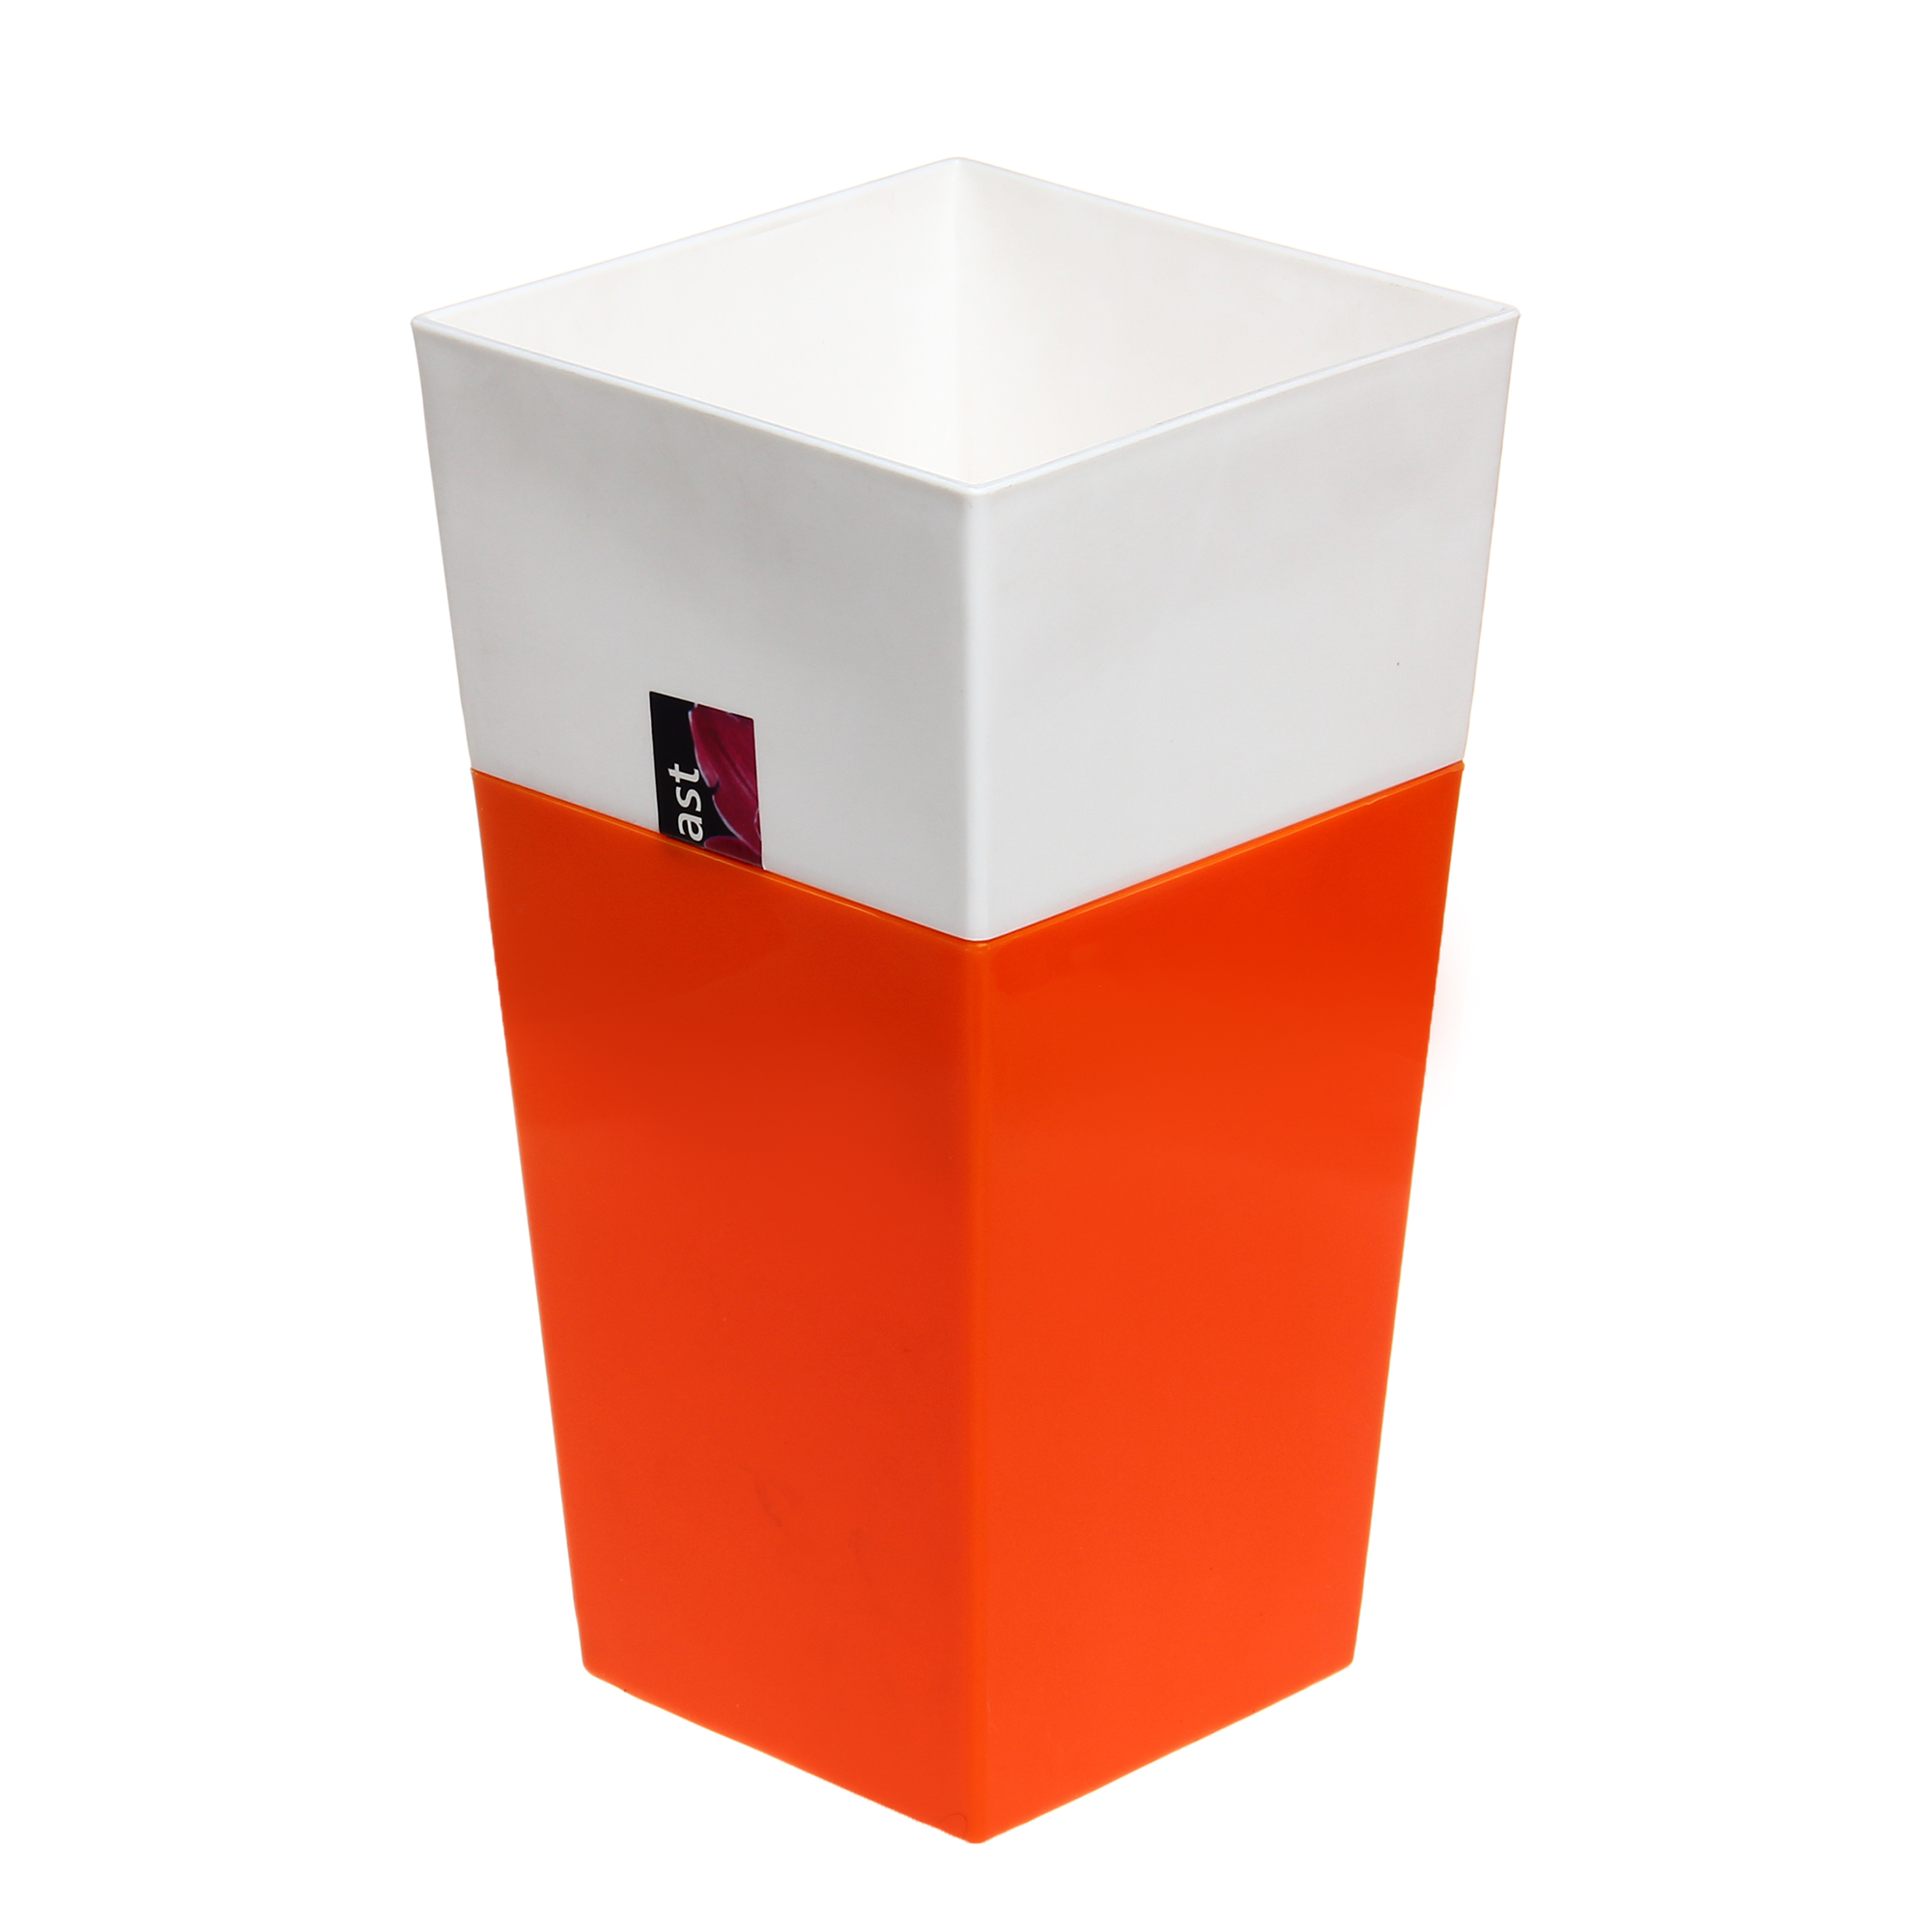 Кашпо Интерлинк дуэт 13x13 см оранжево-белый кашпо интерлинк волна 12 см бирюзовый